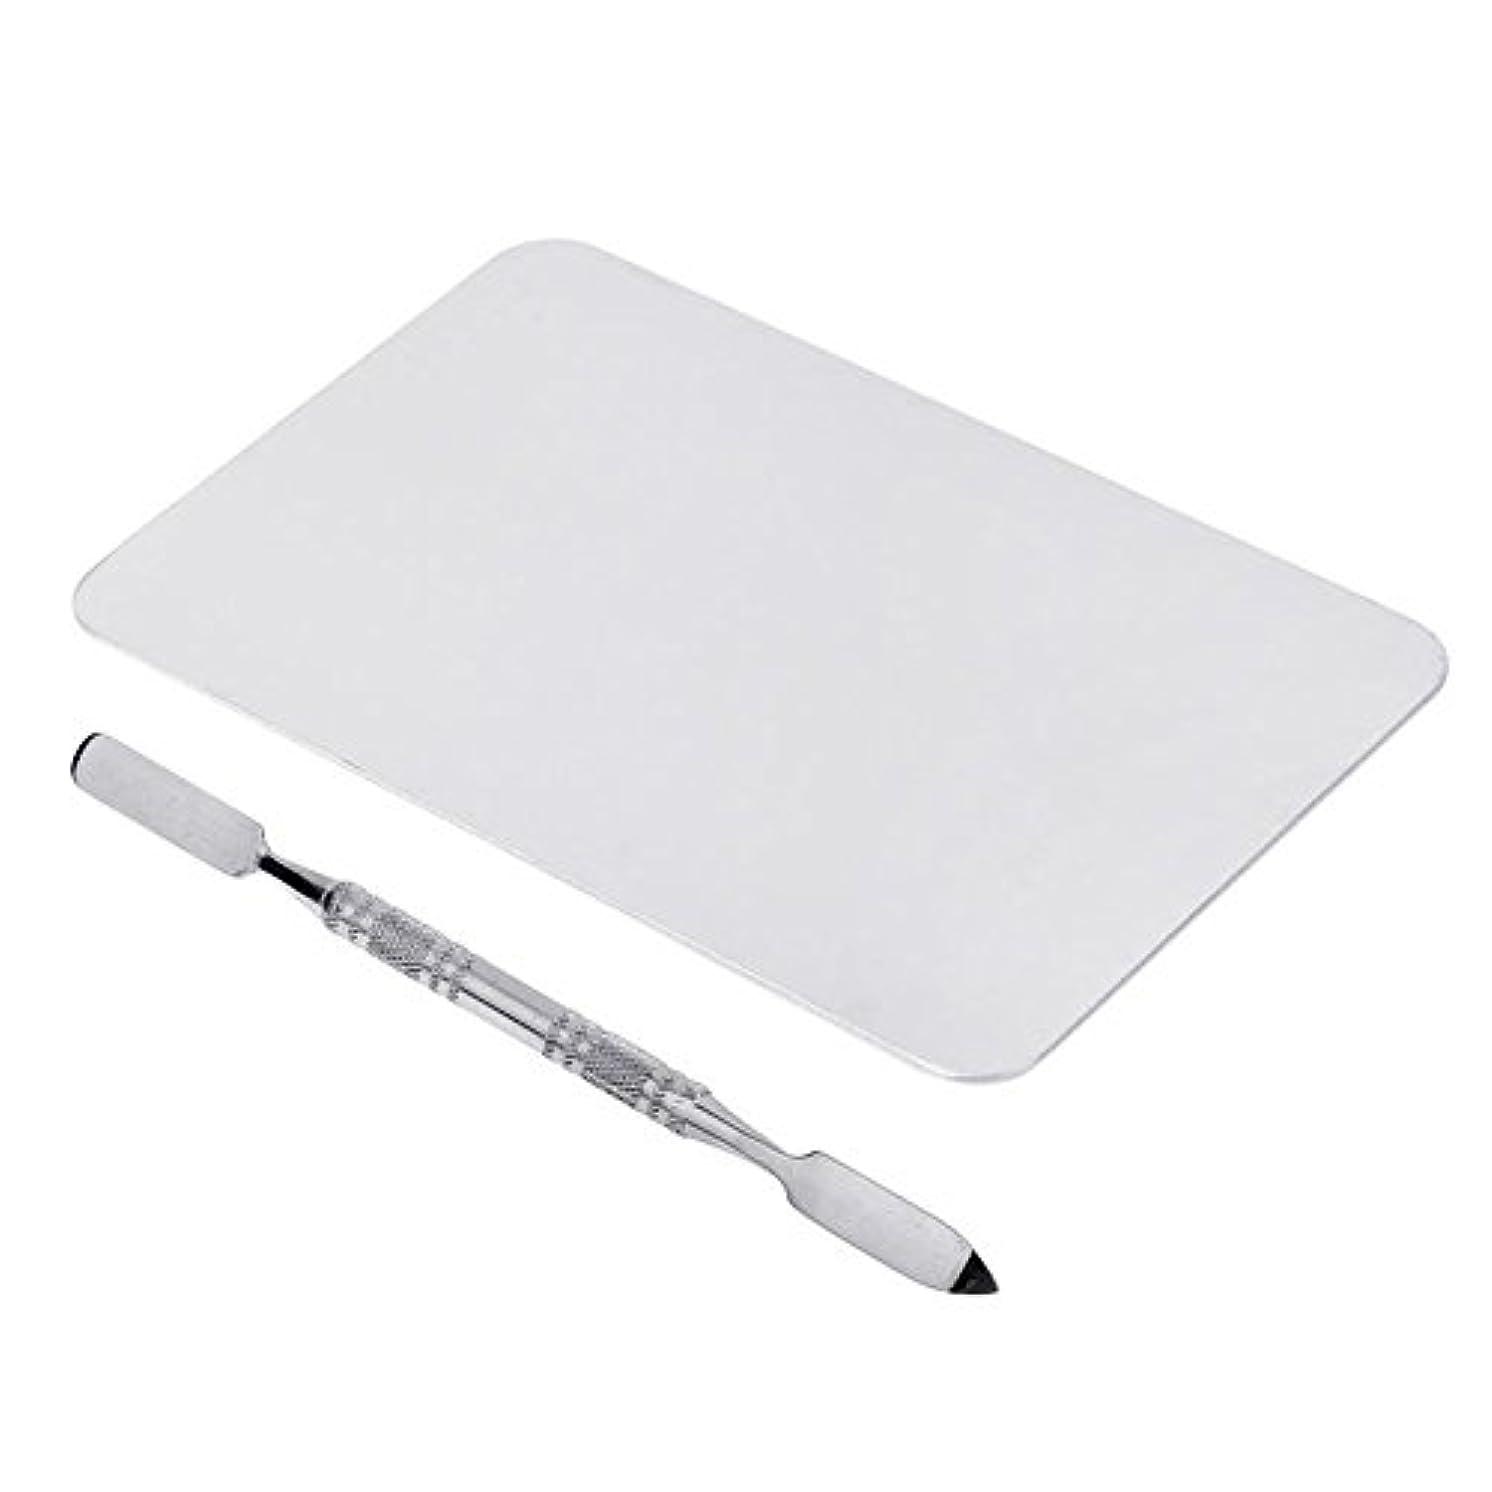 良さ好色なひどいGaoominy 2色のメイクパレットマニキュア、メイクアップ、アイシャドウパレットパレットセット12cm